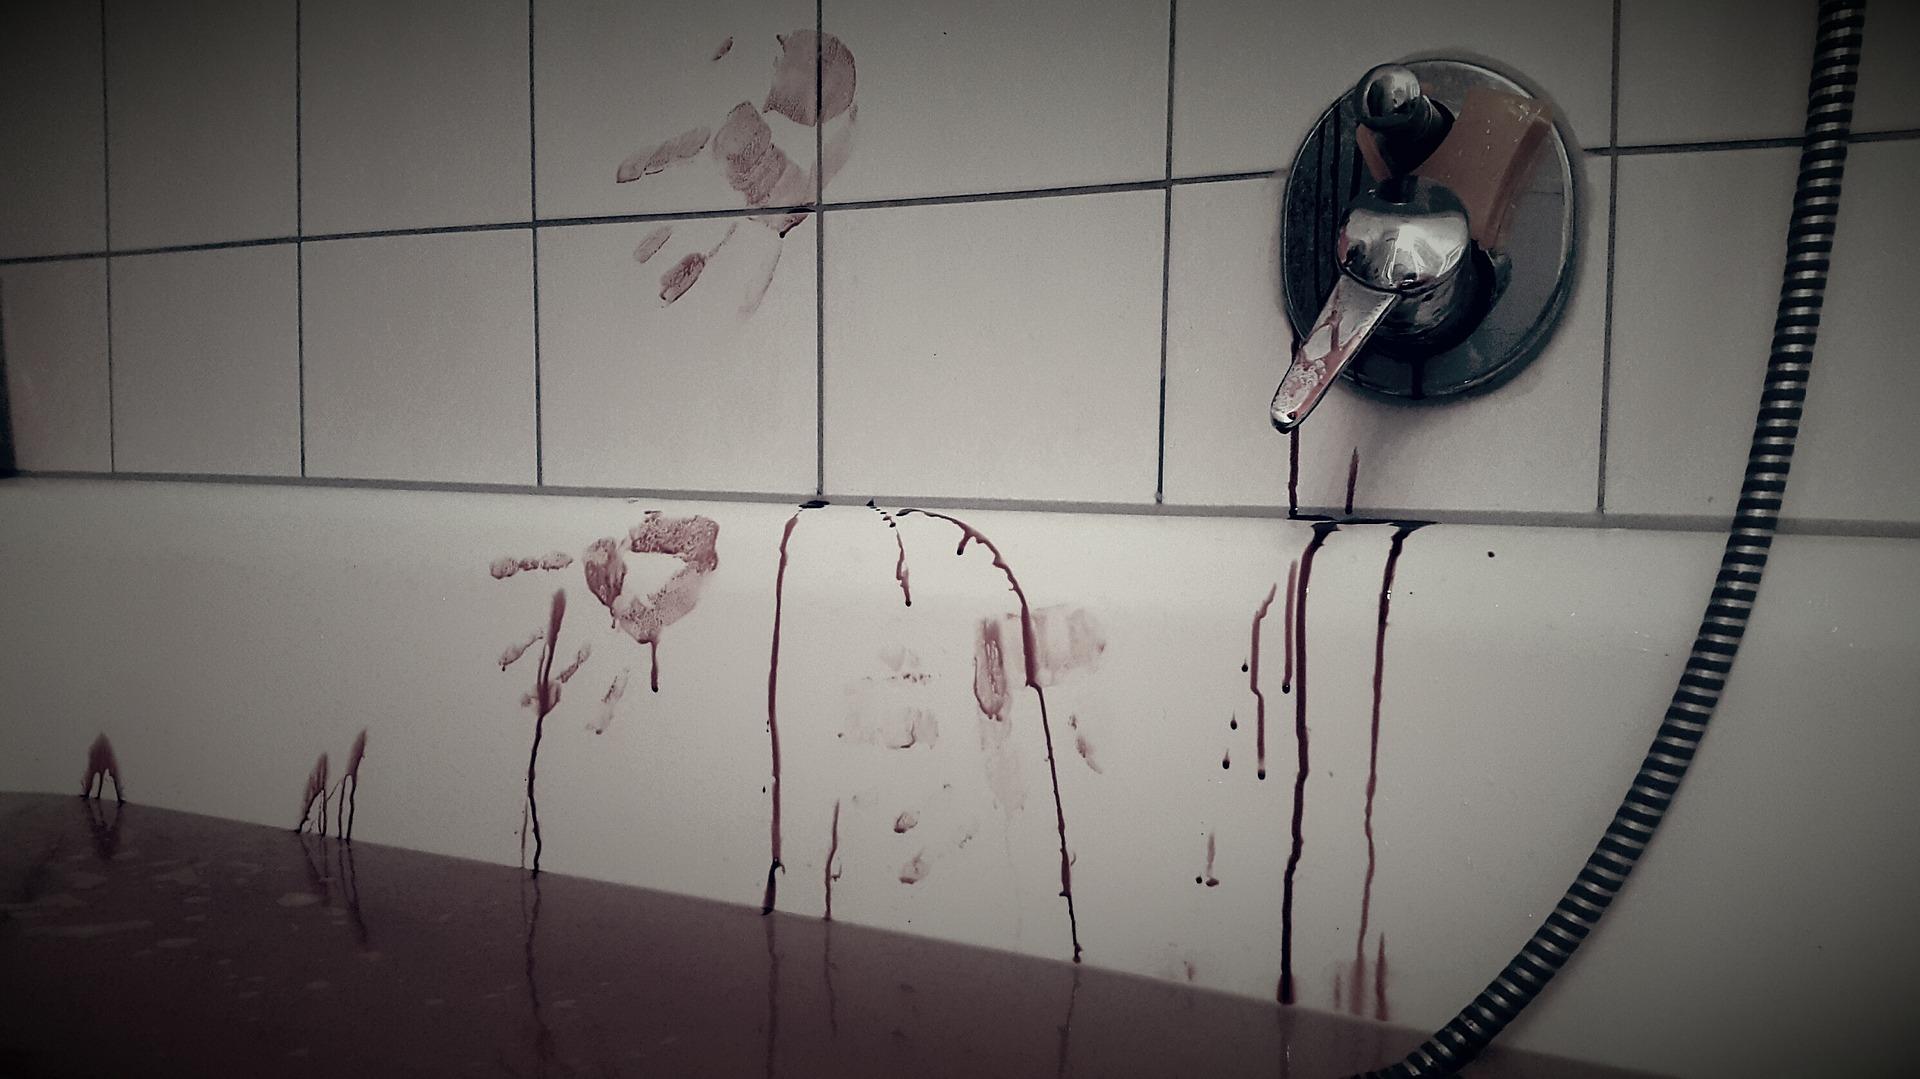 Der Spiegel - Blutbad